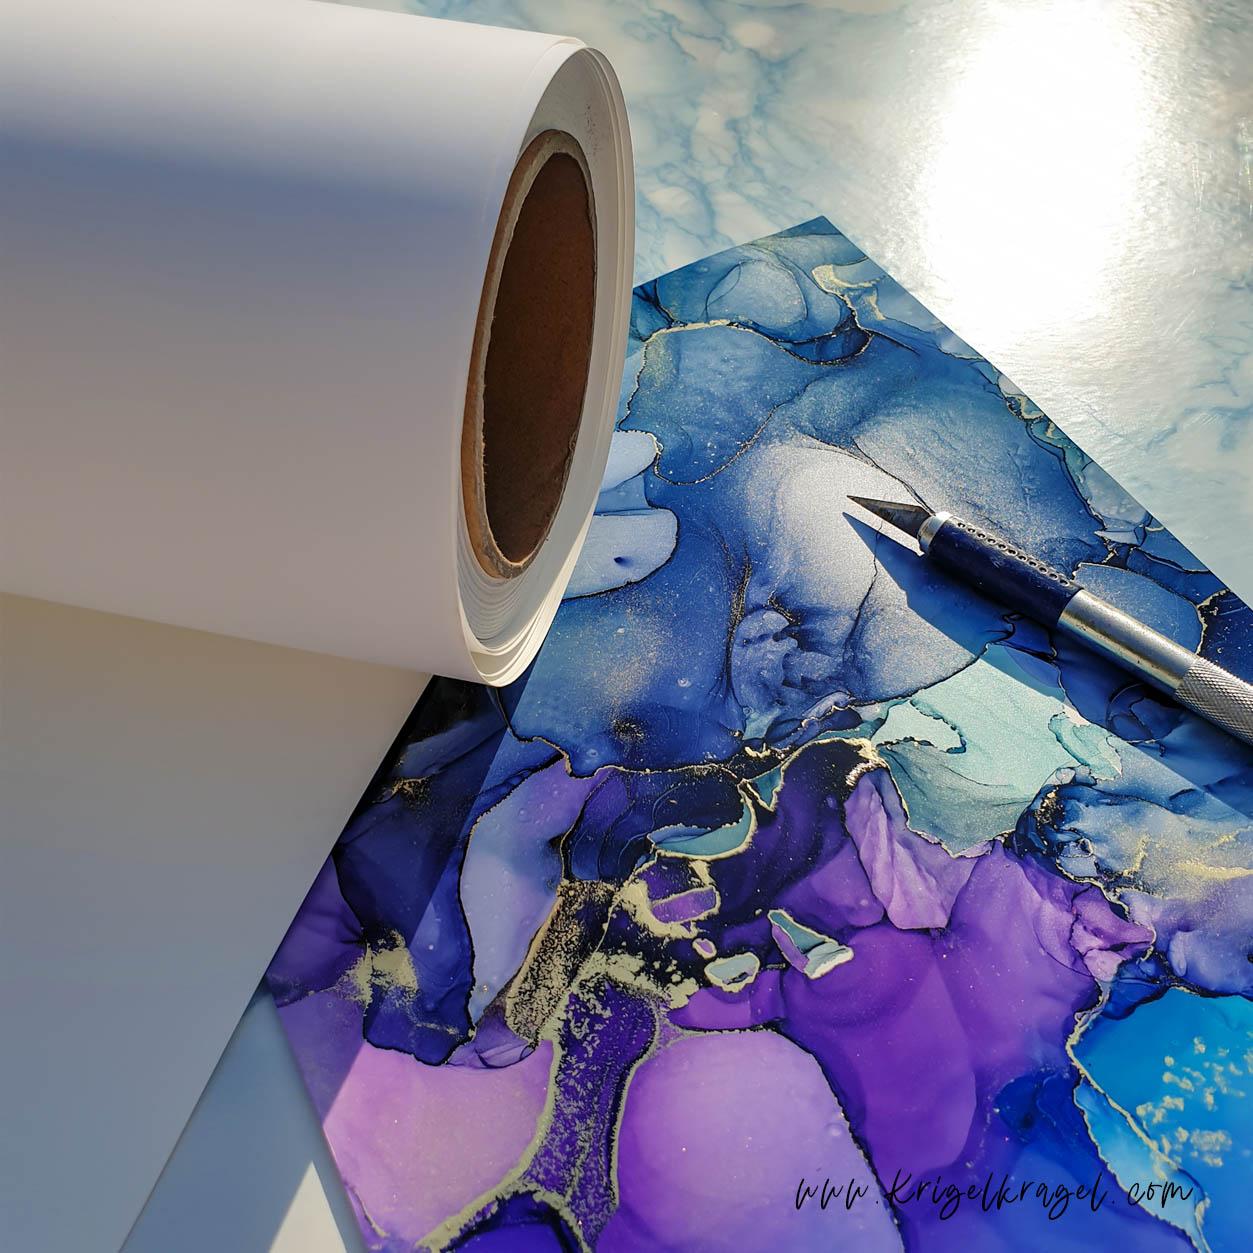 Viele verschiedene und neue Papiere für Alkoholtinte! Mit Alcohol Ink kannst du nicht nur auf Yupo malen. Es gibt viel mehr. Desiree Delage hat auf ihrem Blog neue Papiere herausgefunden und aufgelistet. So kannst du einfach Hochzeit-Papeterie, Karten und Geschenke selber gestalten und malen. #alkoholtinte #alcoholink #malidee #malenlernen